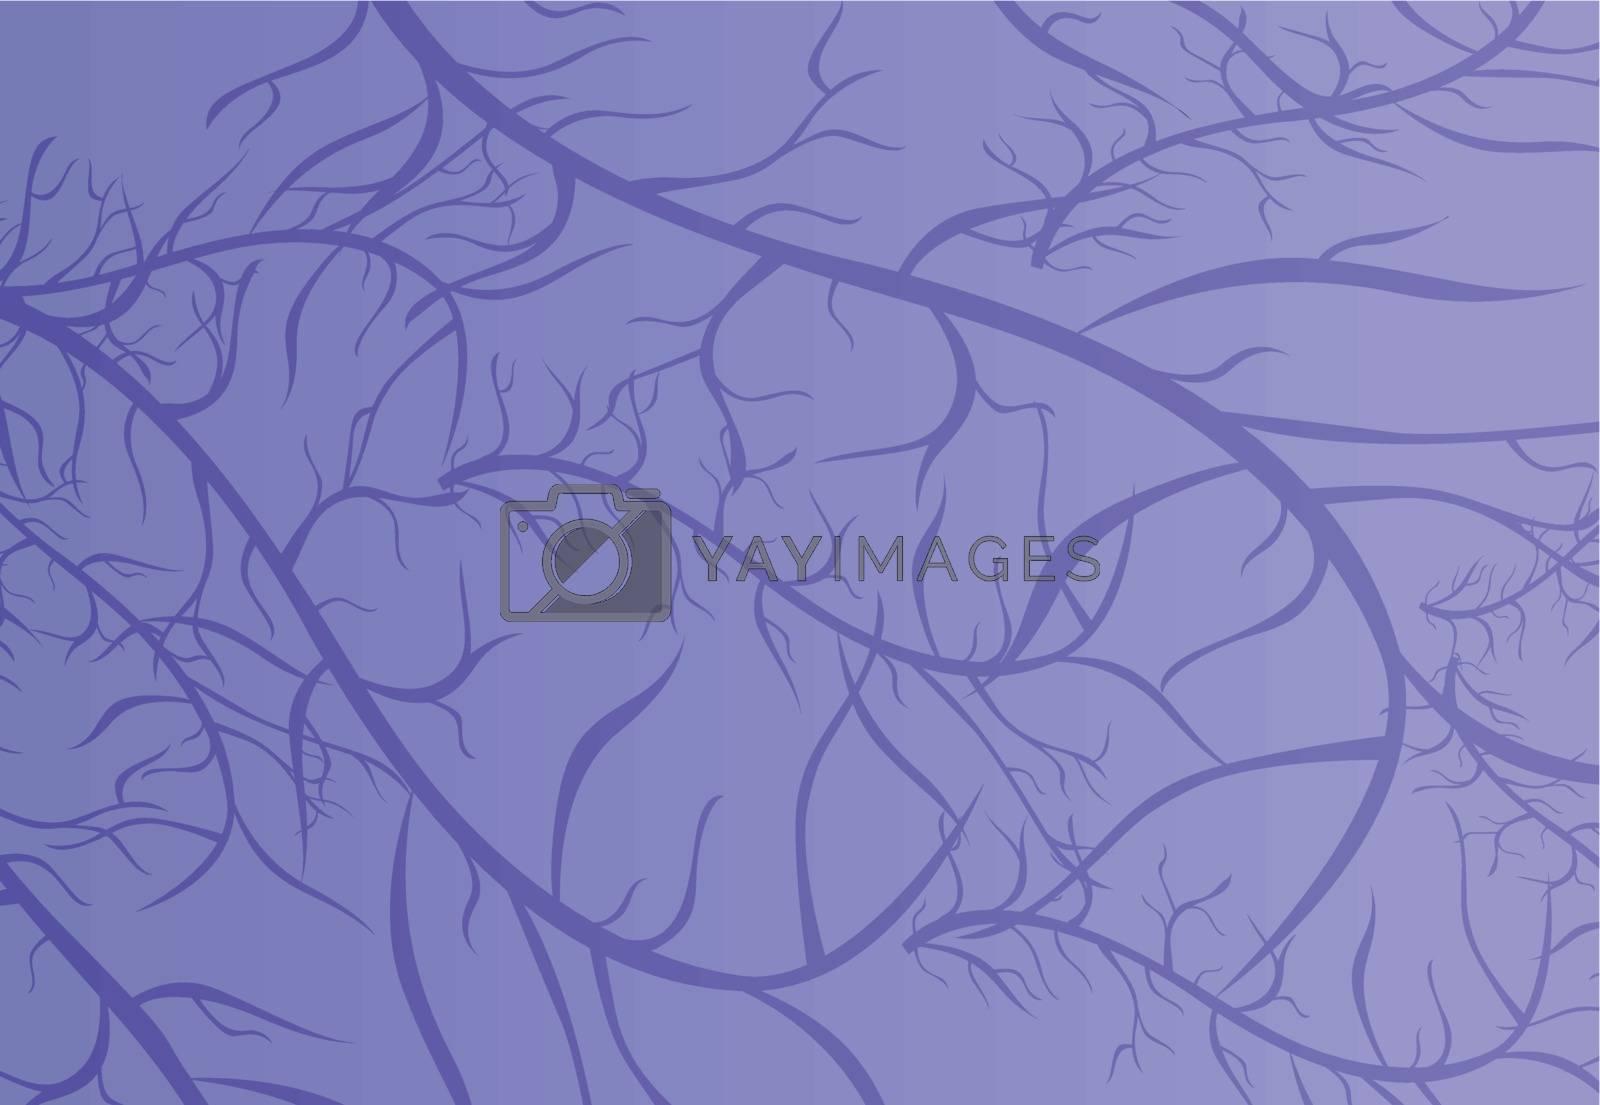 Illustration of purple vein texture